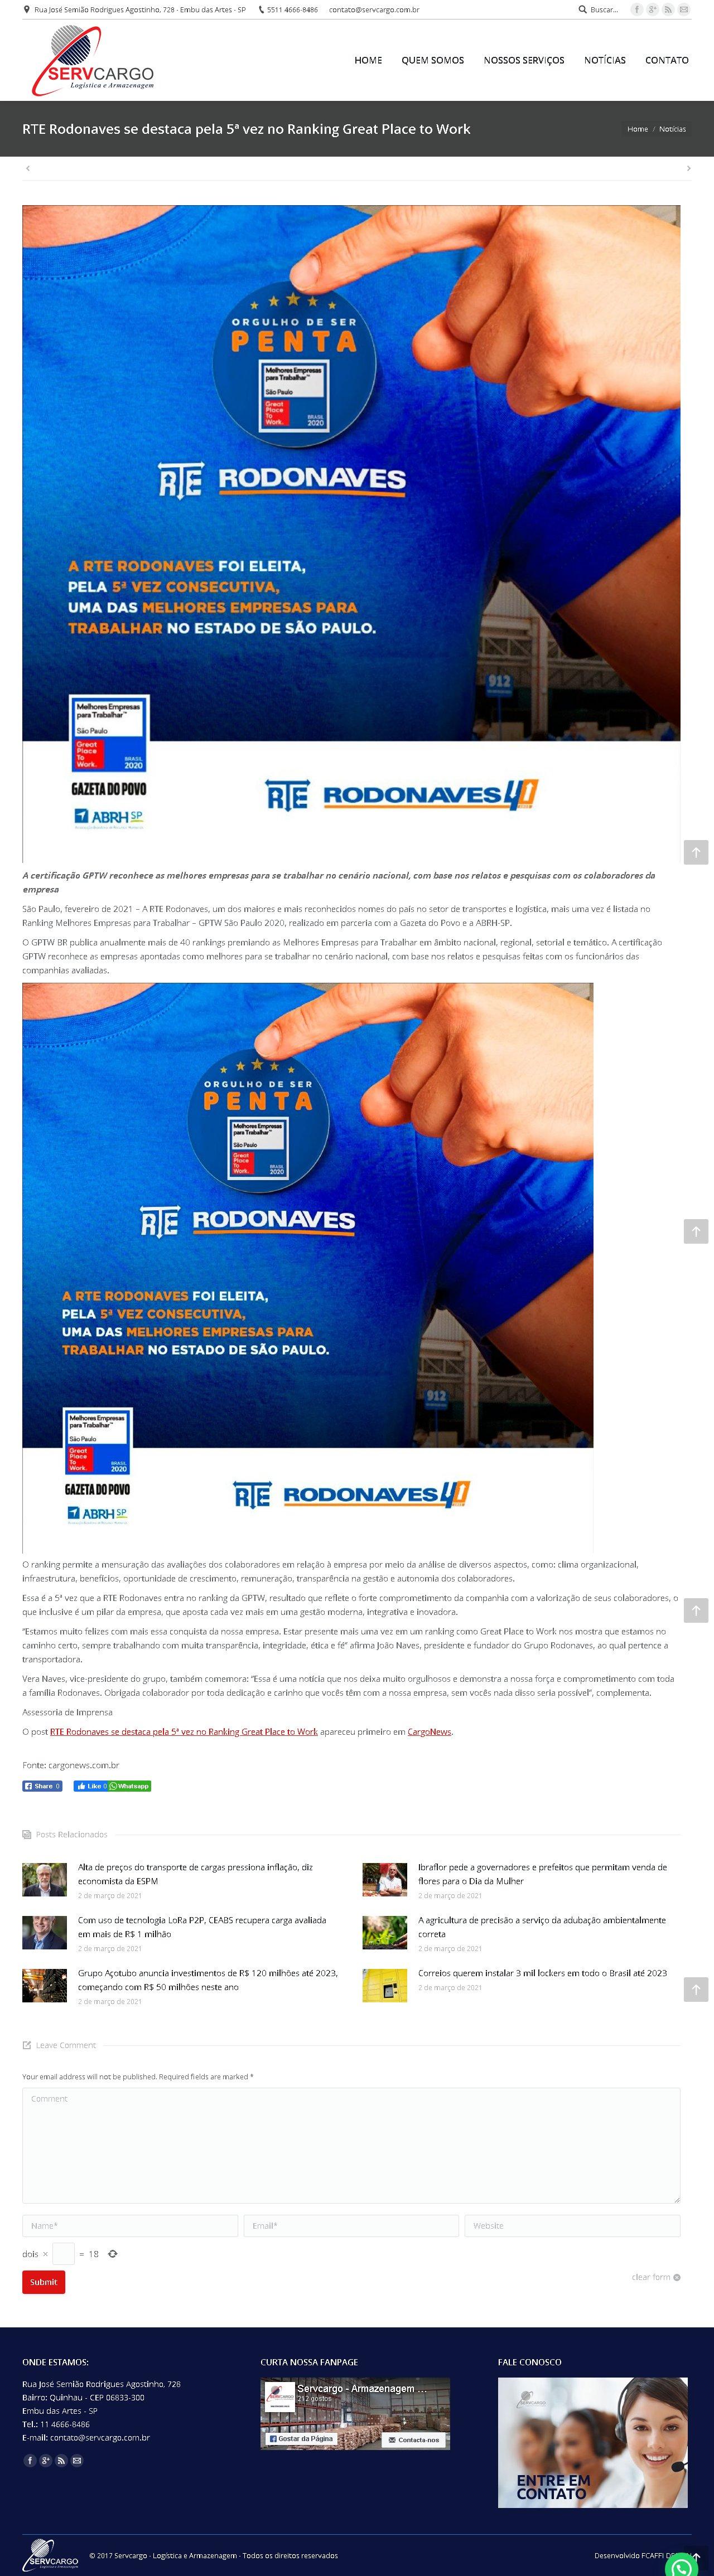 RTE Rodonaves se destaca pela 5ª vez no Ranking Great Place to Work - Servcargo - Logistica e armazenagem